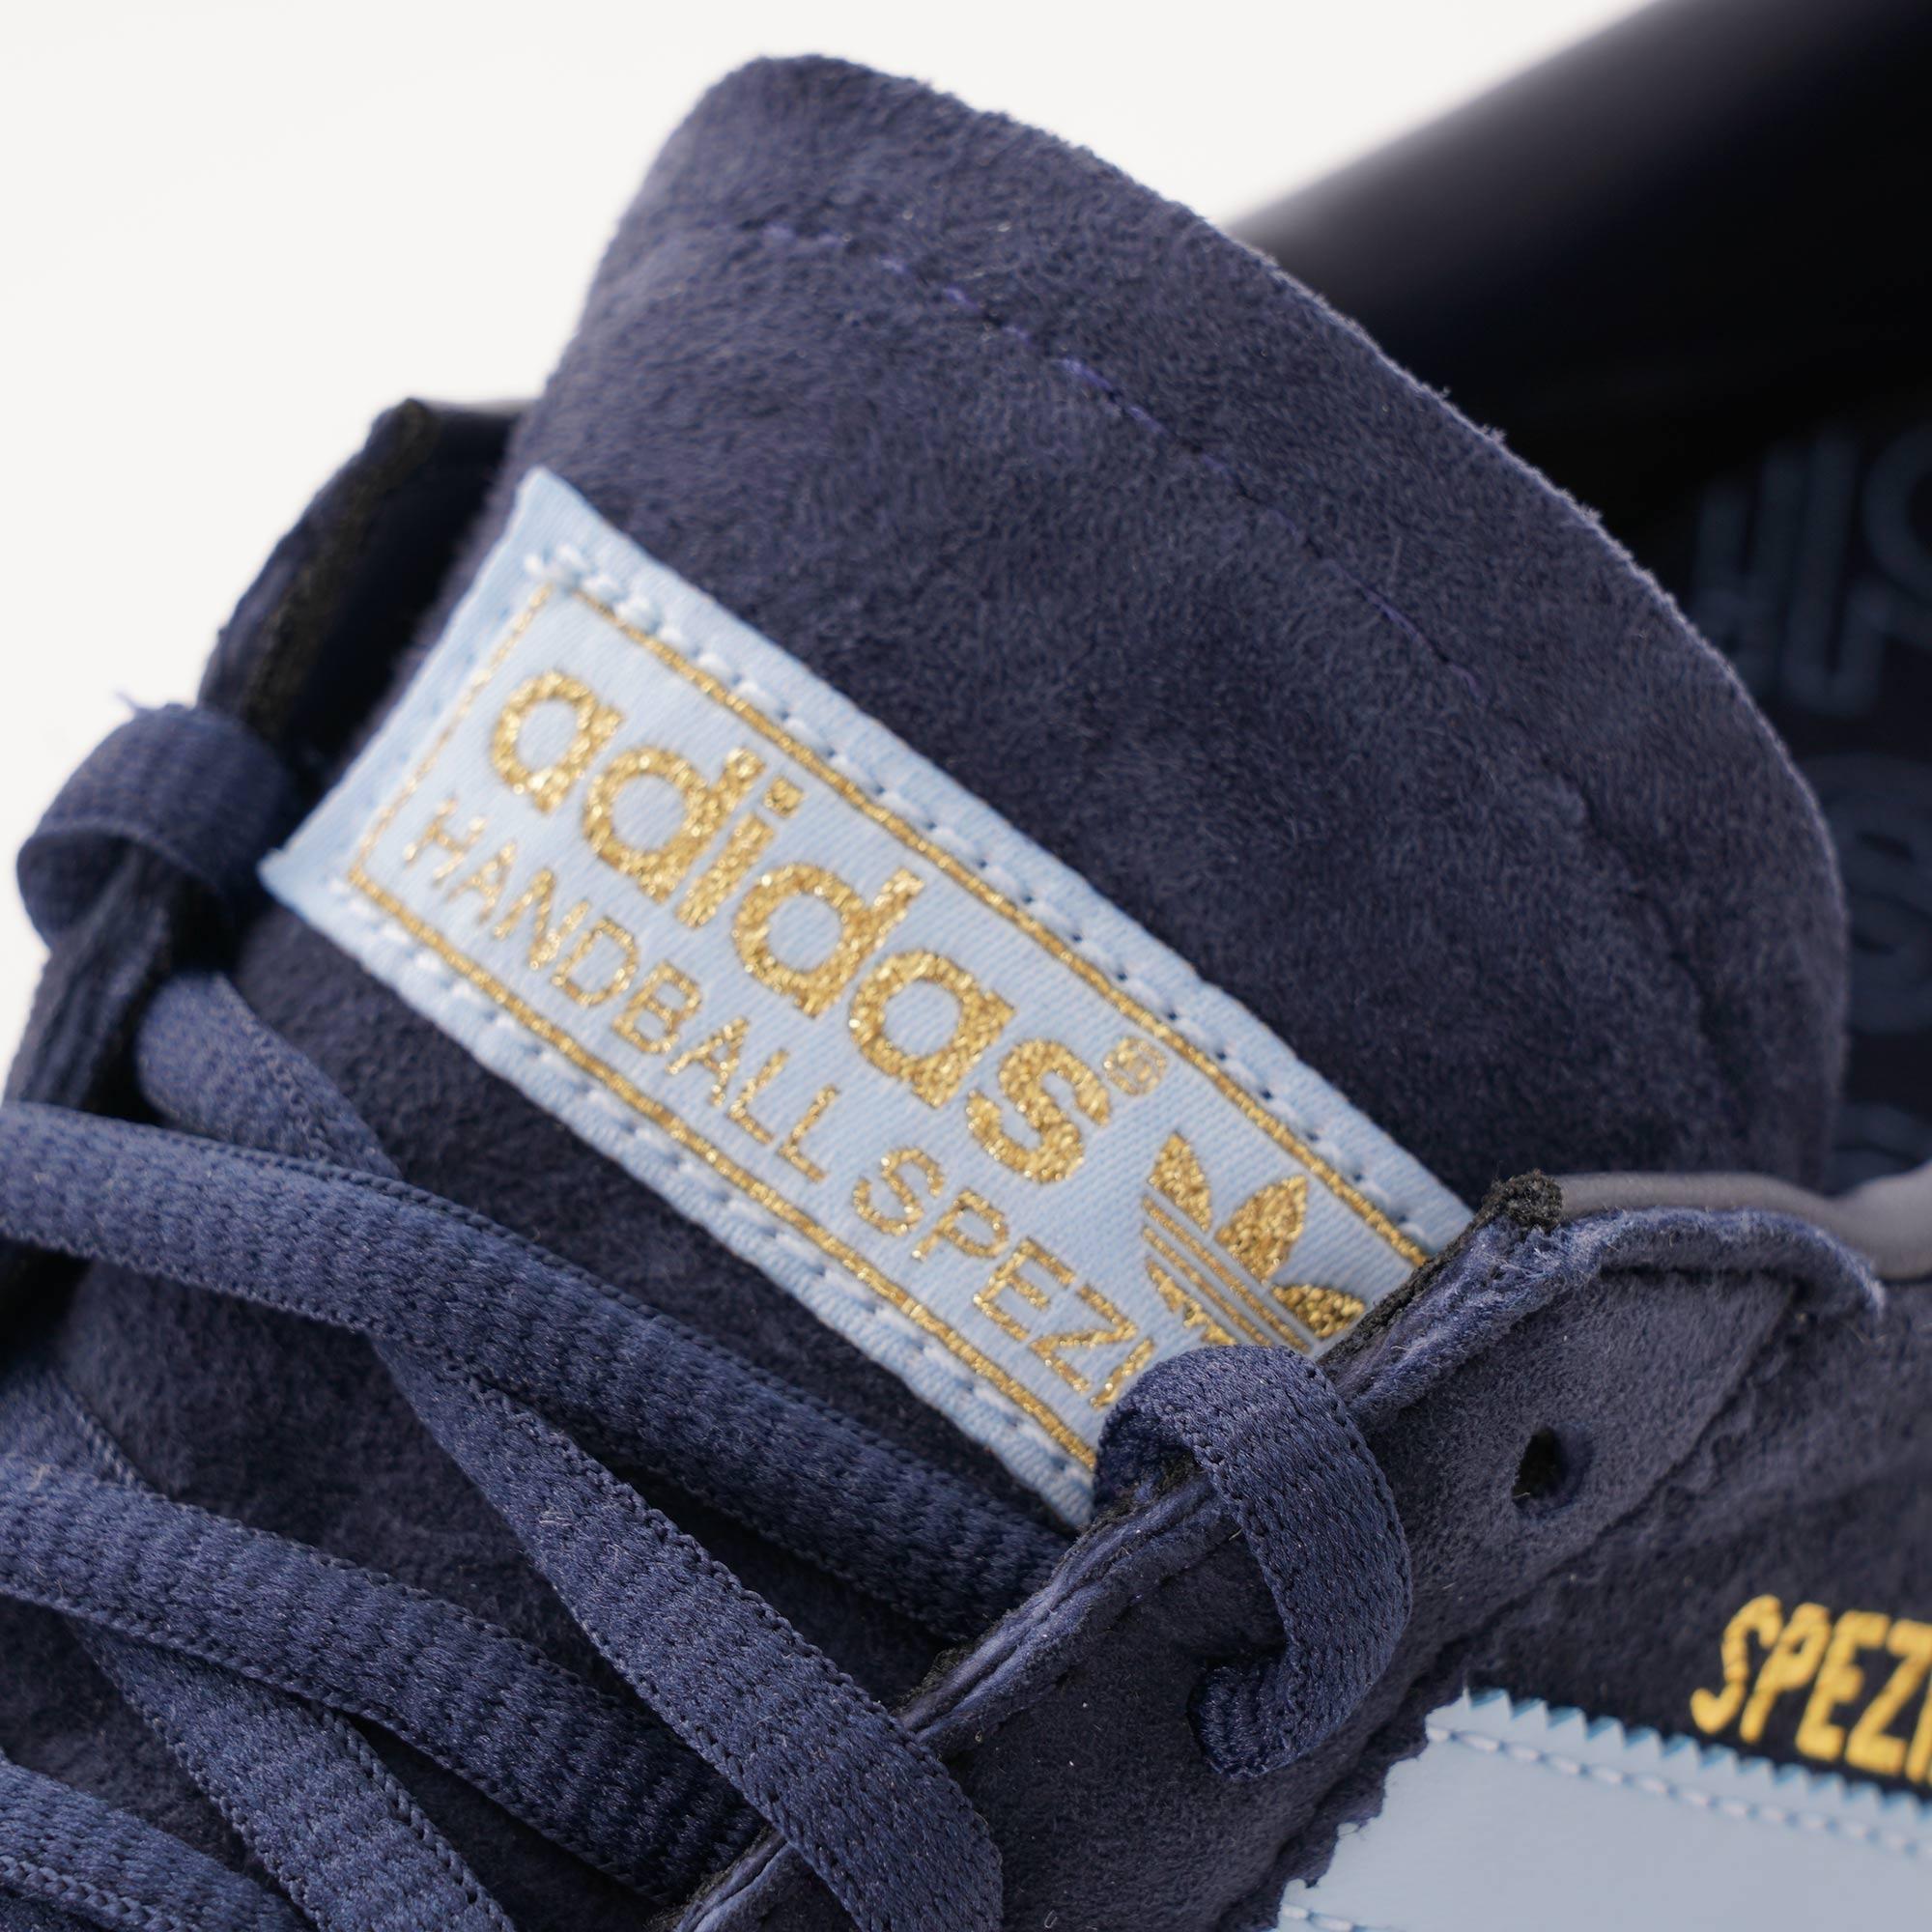 bd7633 adidas